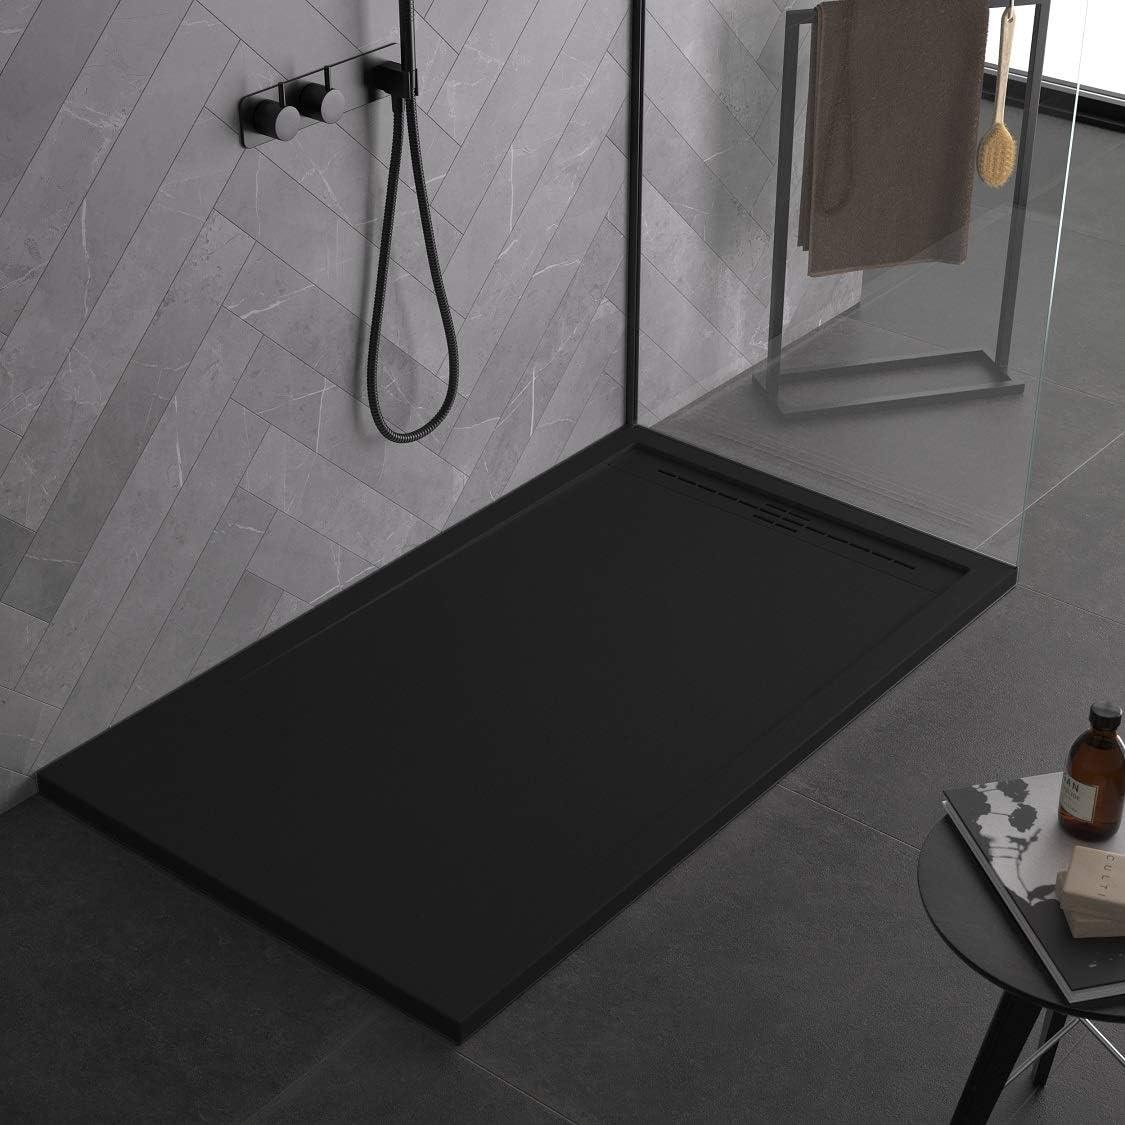 Plato de ducha negro, de lujo y con diseño moderno, modelo Ibiza ...